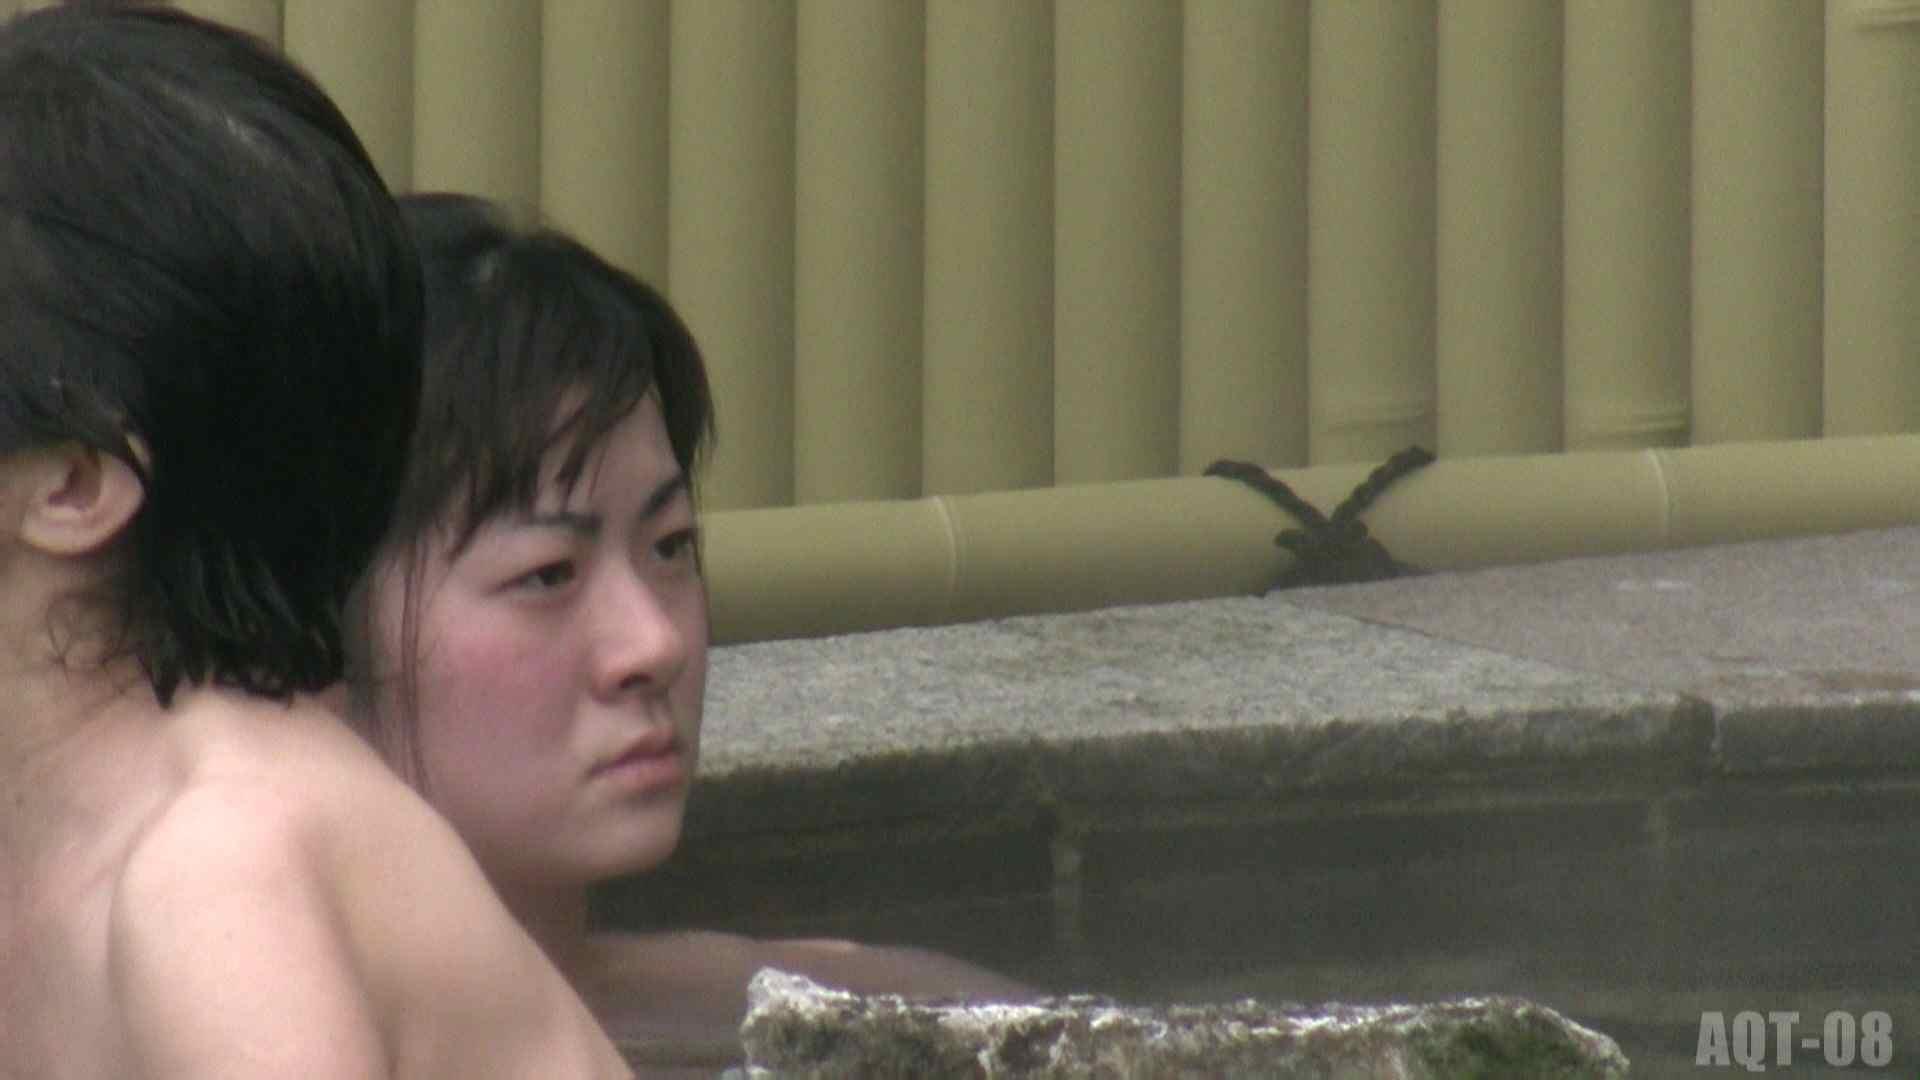 Aquaな露天風呂Vol.774 美しいOLの裸体 | 盗撮師作品  78pic 43